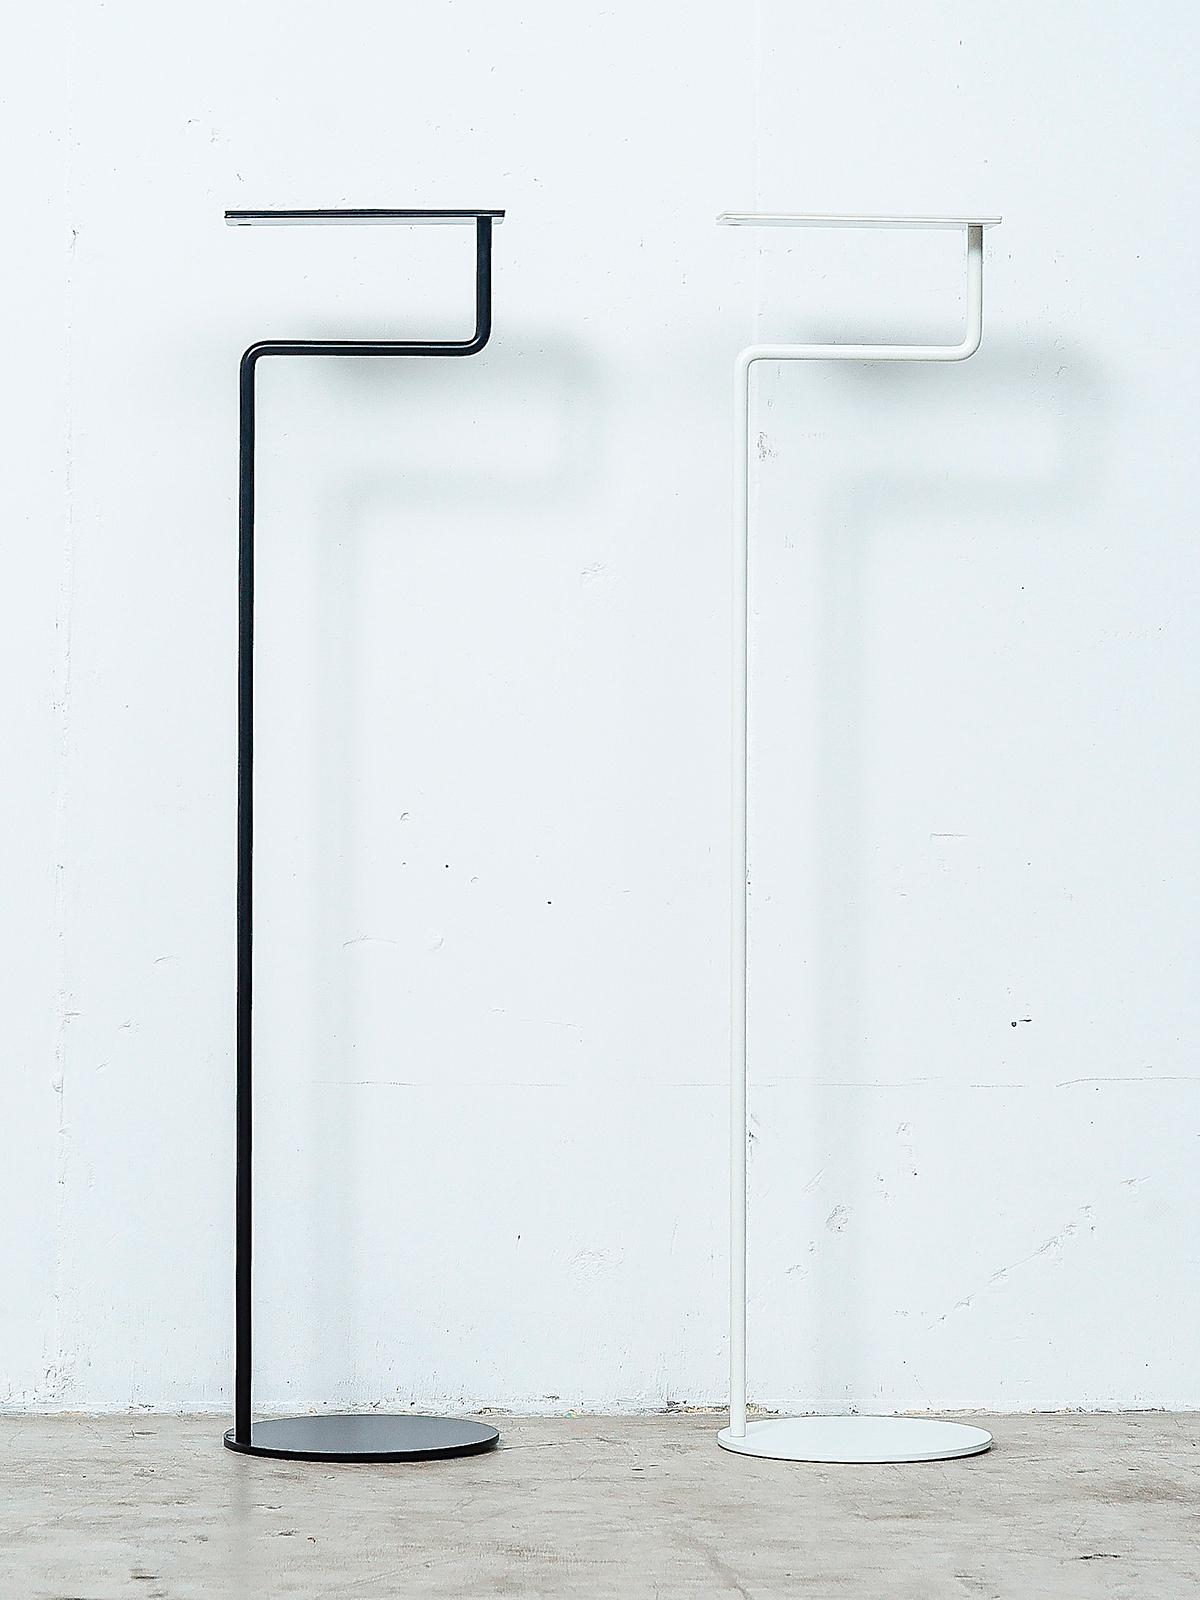 。2009年の発表以来、売れつづけているロングセラー。空間に静かに溶け込みながら、あなたの暮しを、グッと心地よく変えてくれる「スタンド型のトレイ」|DUENDE TILL